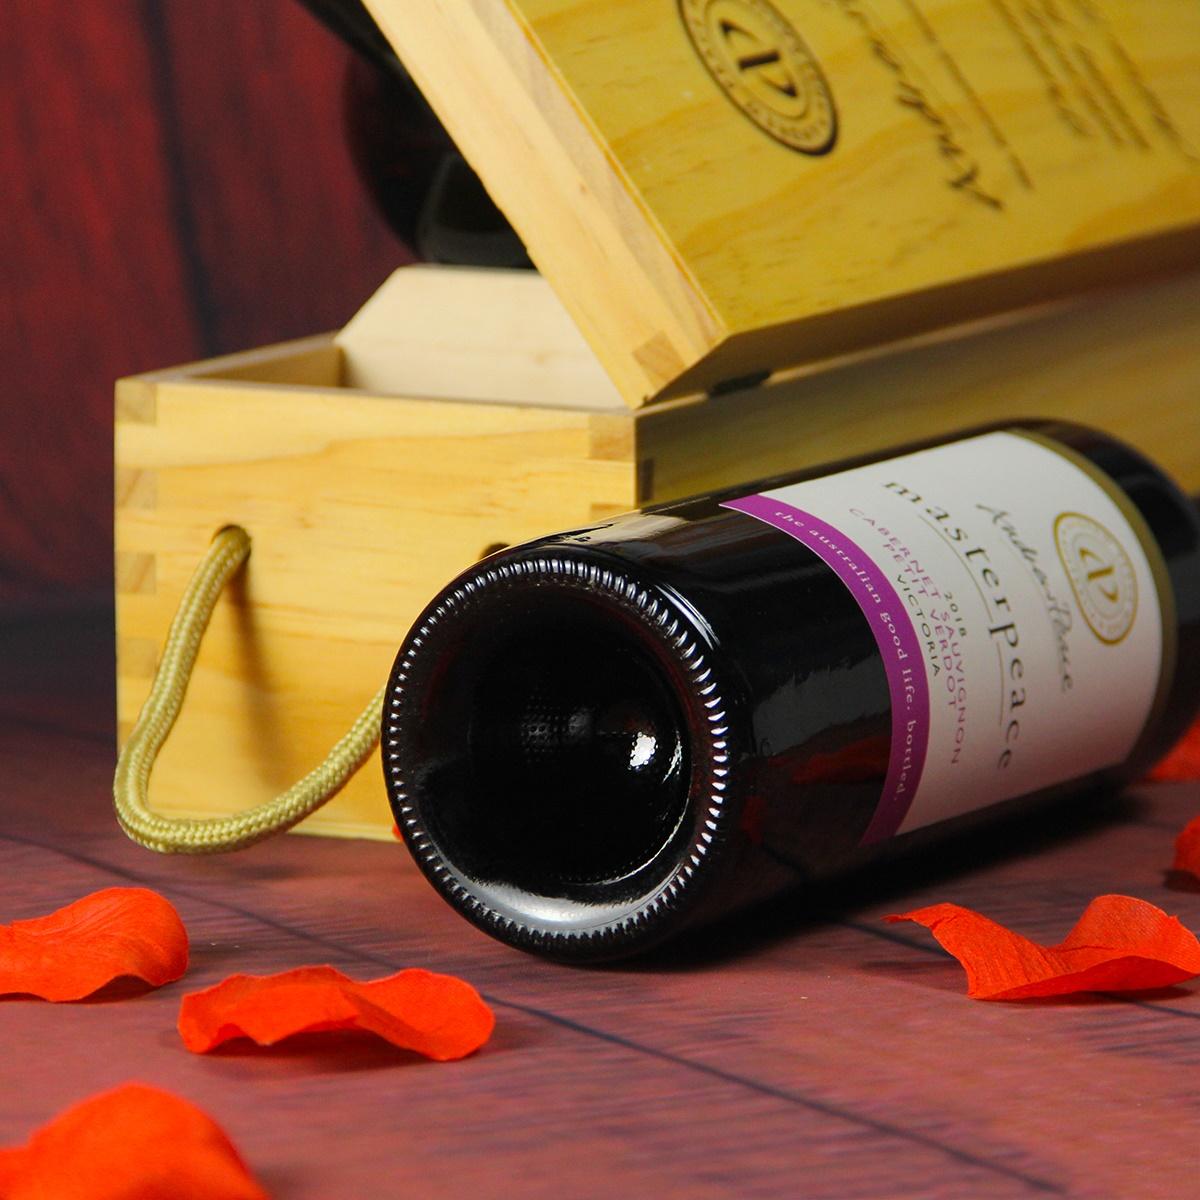 澳大利亚安德鲁皮士酒庄皮士大师 赤霞珠小维多干红葡萄酒